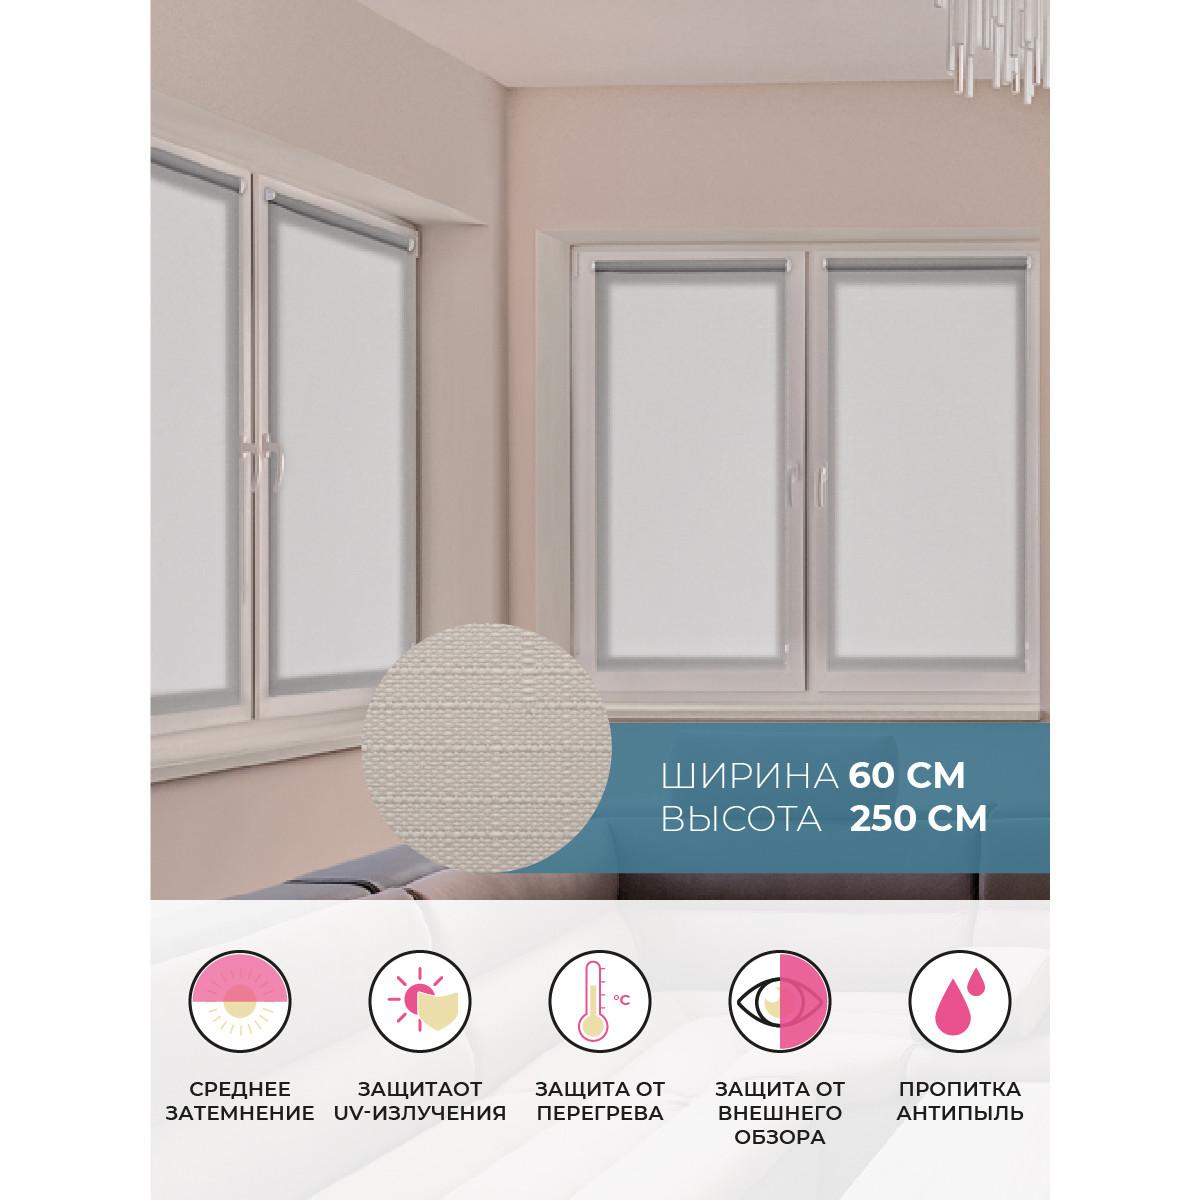 Рулонная Ора Decofest Апилера 60Х250 Цвет Серый